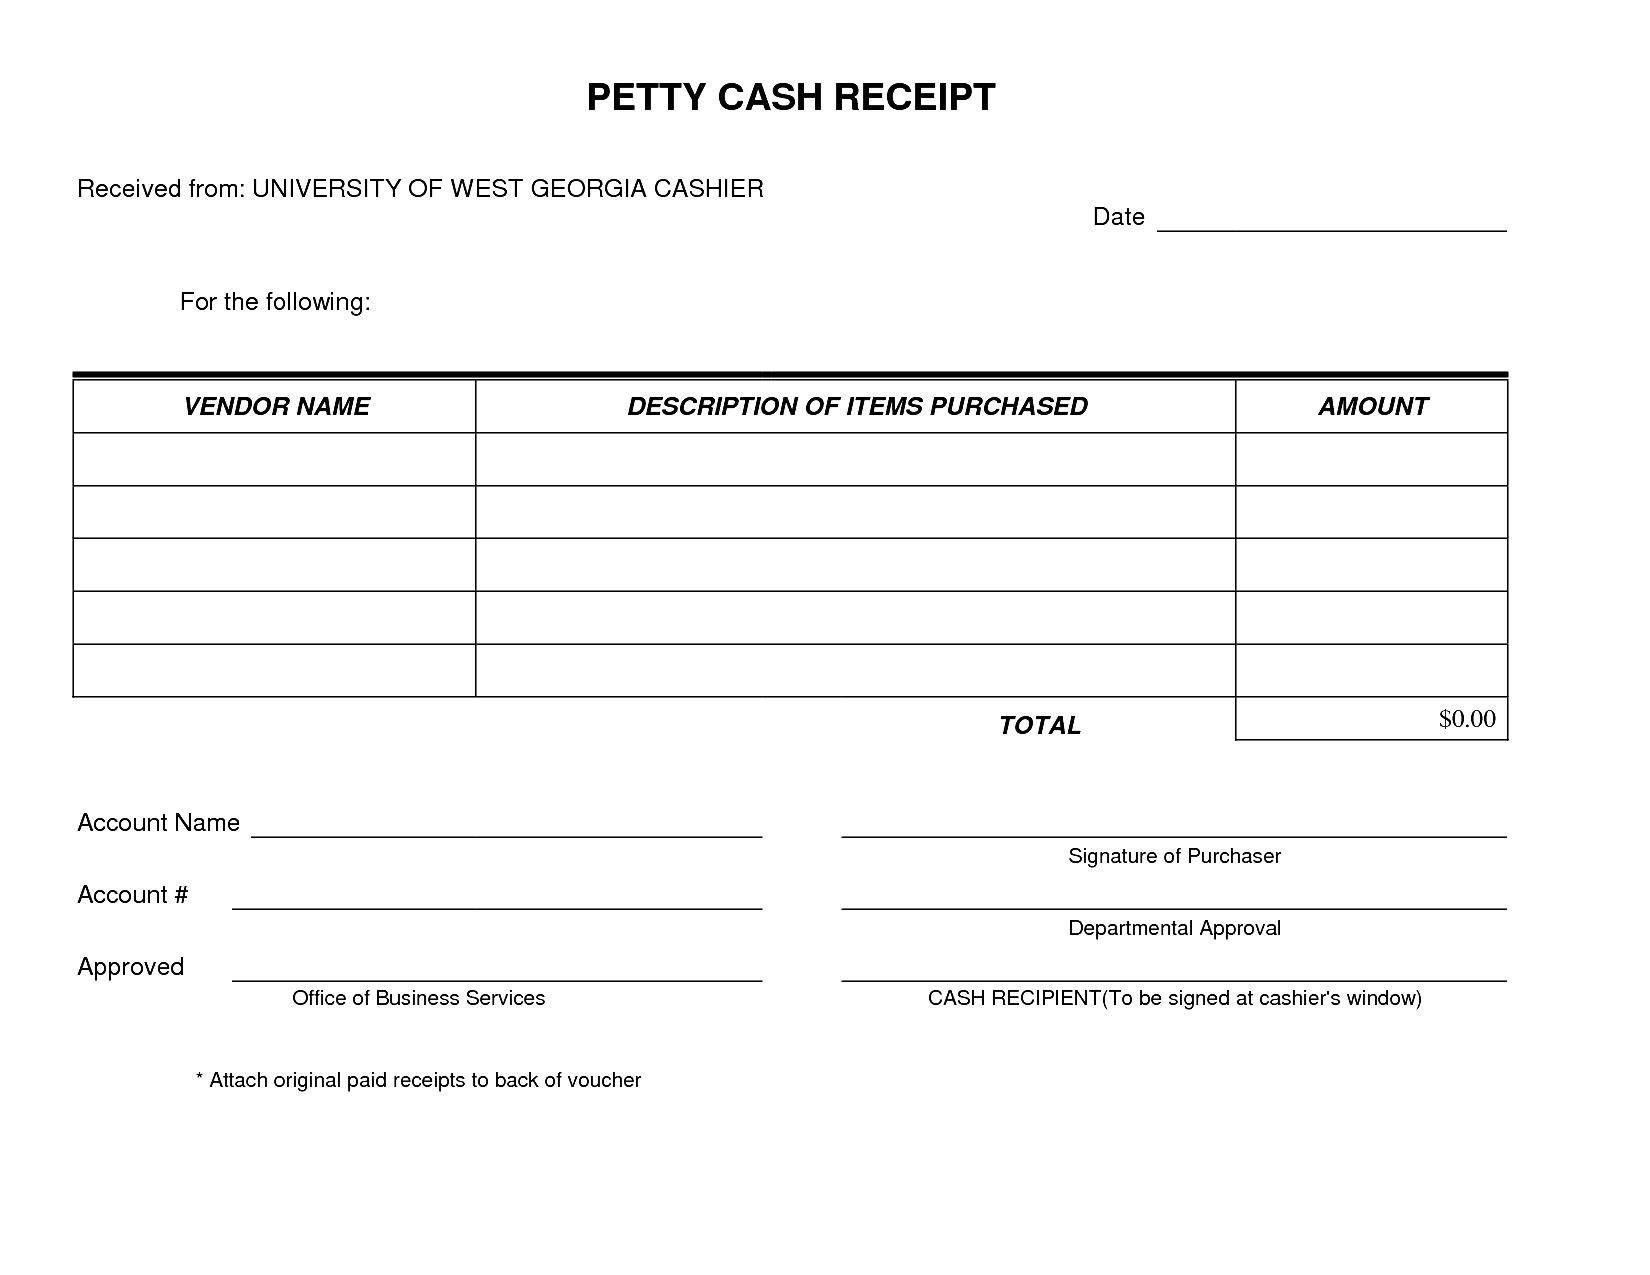 Printable Sales Receipt Unique Printable Sales Receipt Business Sales Receipts Canasrgdorfbib Invoice Template Receipt Template Receipt